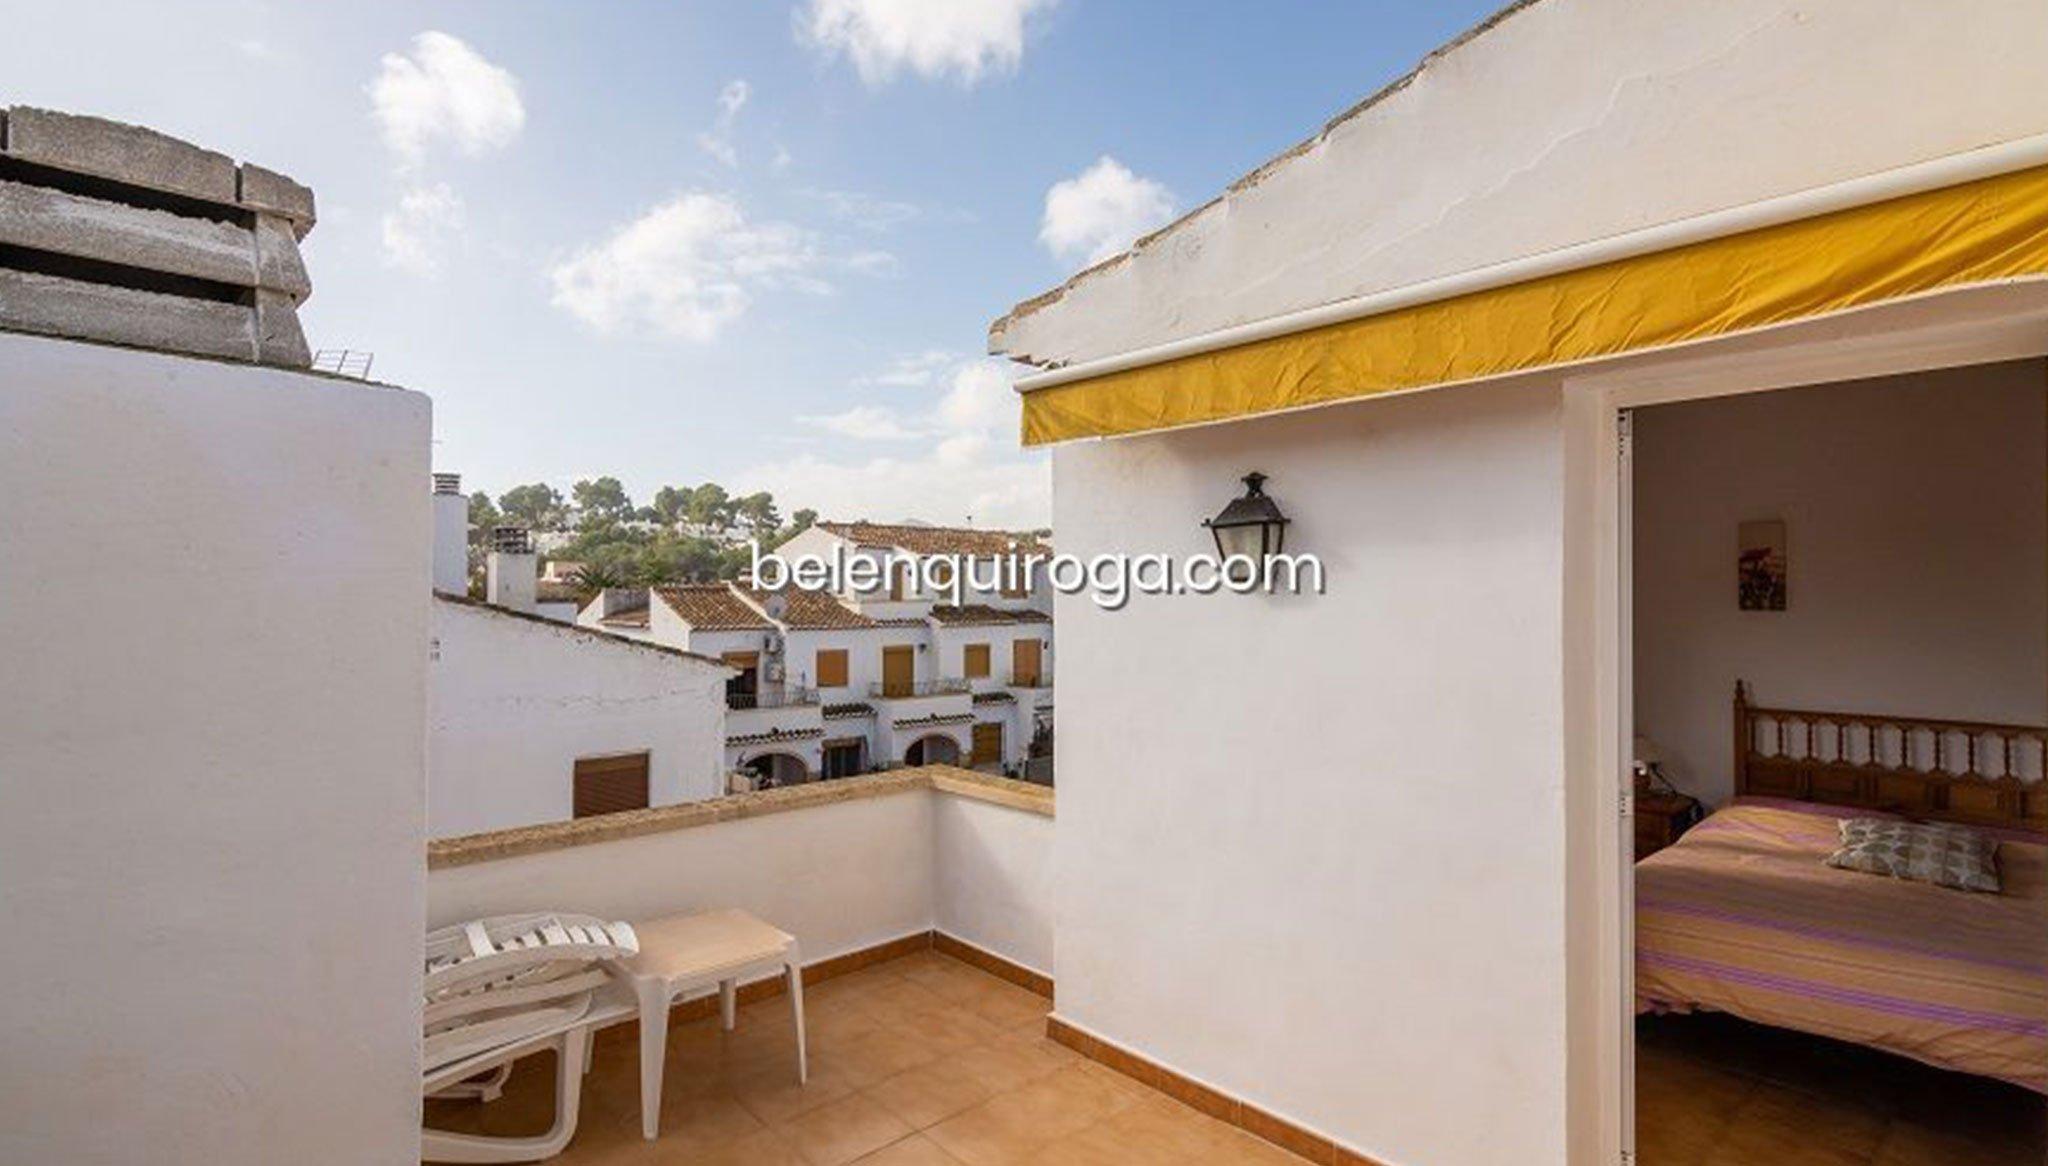 Terraza en un bungalow en venta en Jávea – Inmobiliaria Belen Quiroga